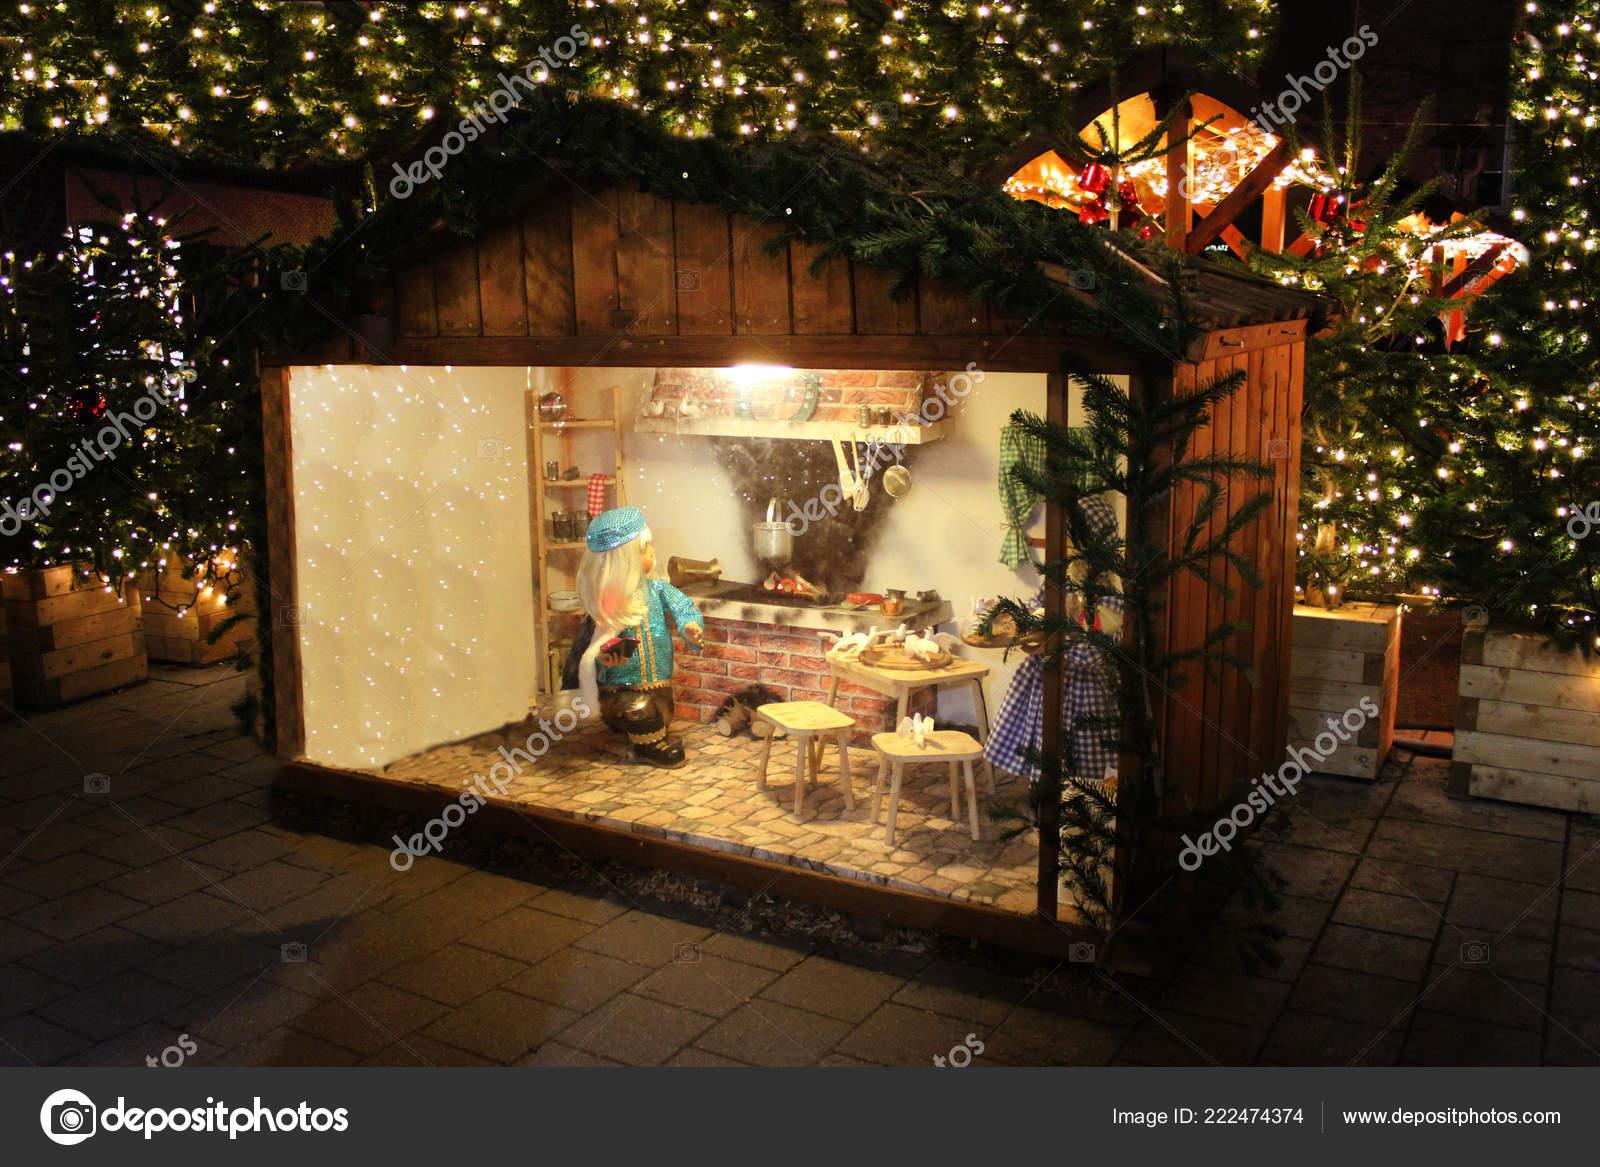 Mulled Wine Christmas Market.Illuminated Christmas Market Fair Kiosk Sale Mulled Wine